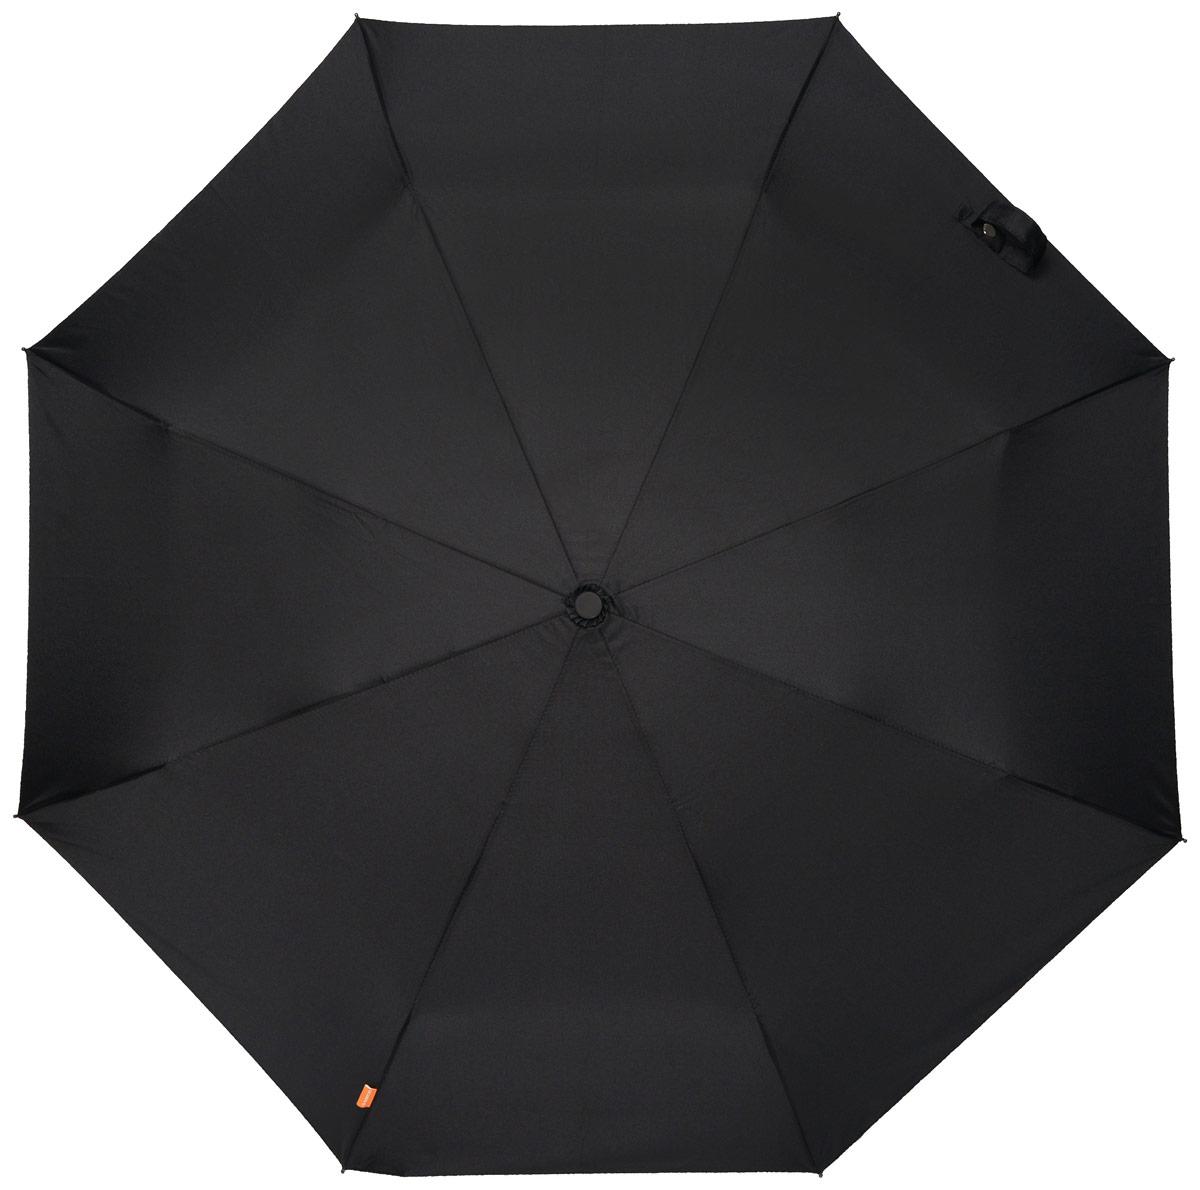 Зонт мужской Эврика Кастет, механика, 2 сложения, цвет: черный, серебряный. 96203REM12-CAM-GREENBLACKОригинальный мужской зонт Эврика станет отличным подарком для вашего друга.Зонт состоит из восьми спиц и стержня, изготовленных из металла. Купол выполнен из качественного нейлона, который не пропускает воду.Изделие имеет механический способ сложения: и купол, и стержень открываются и закрываются вручную до характерного щелчка. Ручка, изготовленная из пластика, выполнена в виде кастета. К зонту прилагается чехол, который закрывается на кнопку.Этот зонт вызовет восторг не только у вас, но и у окружающих.